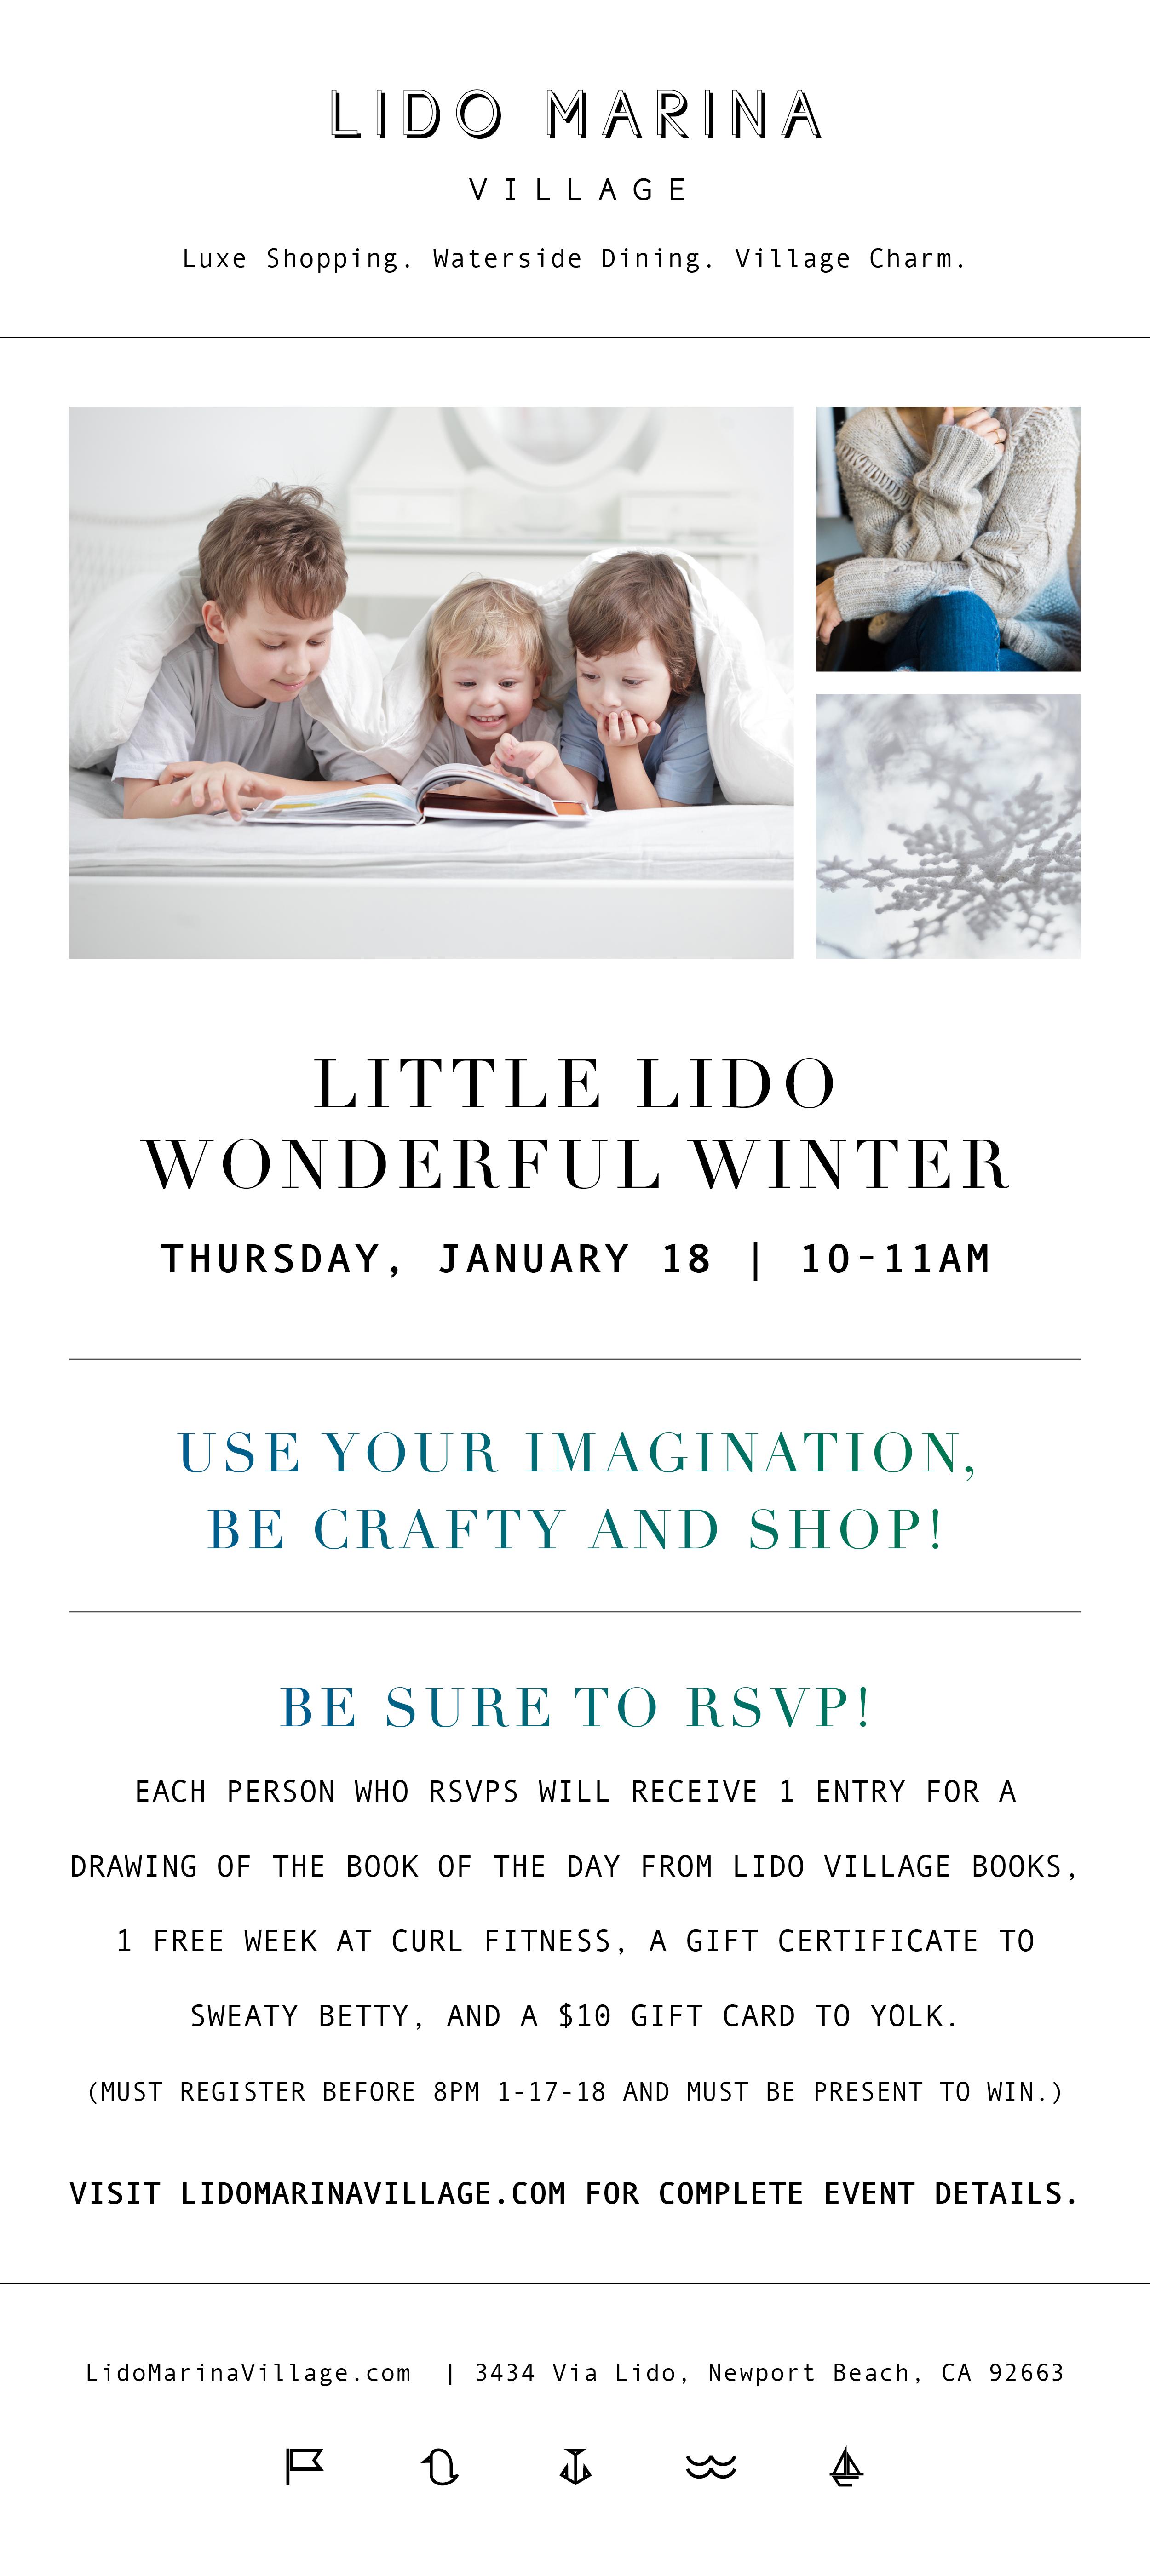 Lido_Little Lido_Web Asset_Jan-18_2018_FINAL.jpg